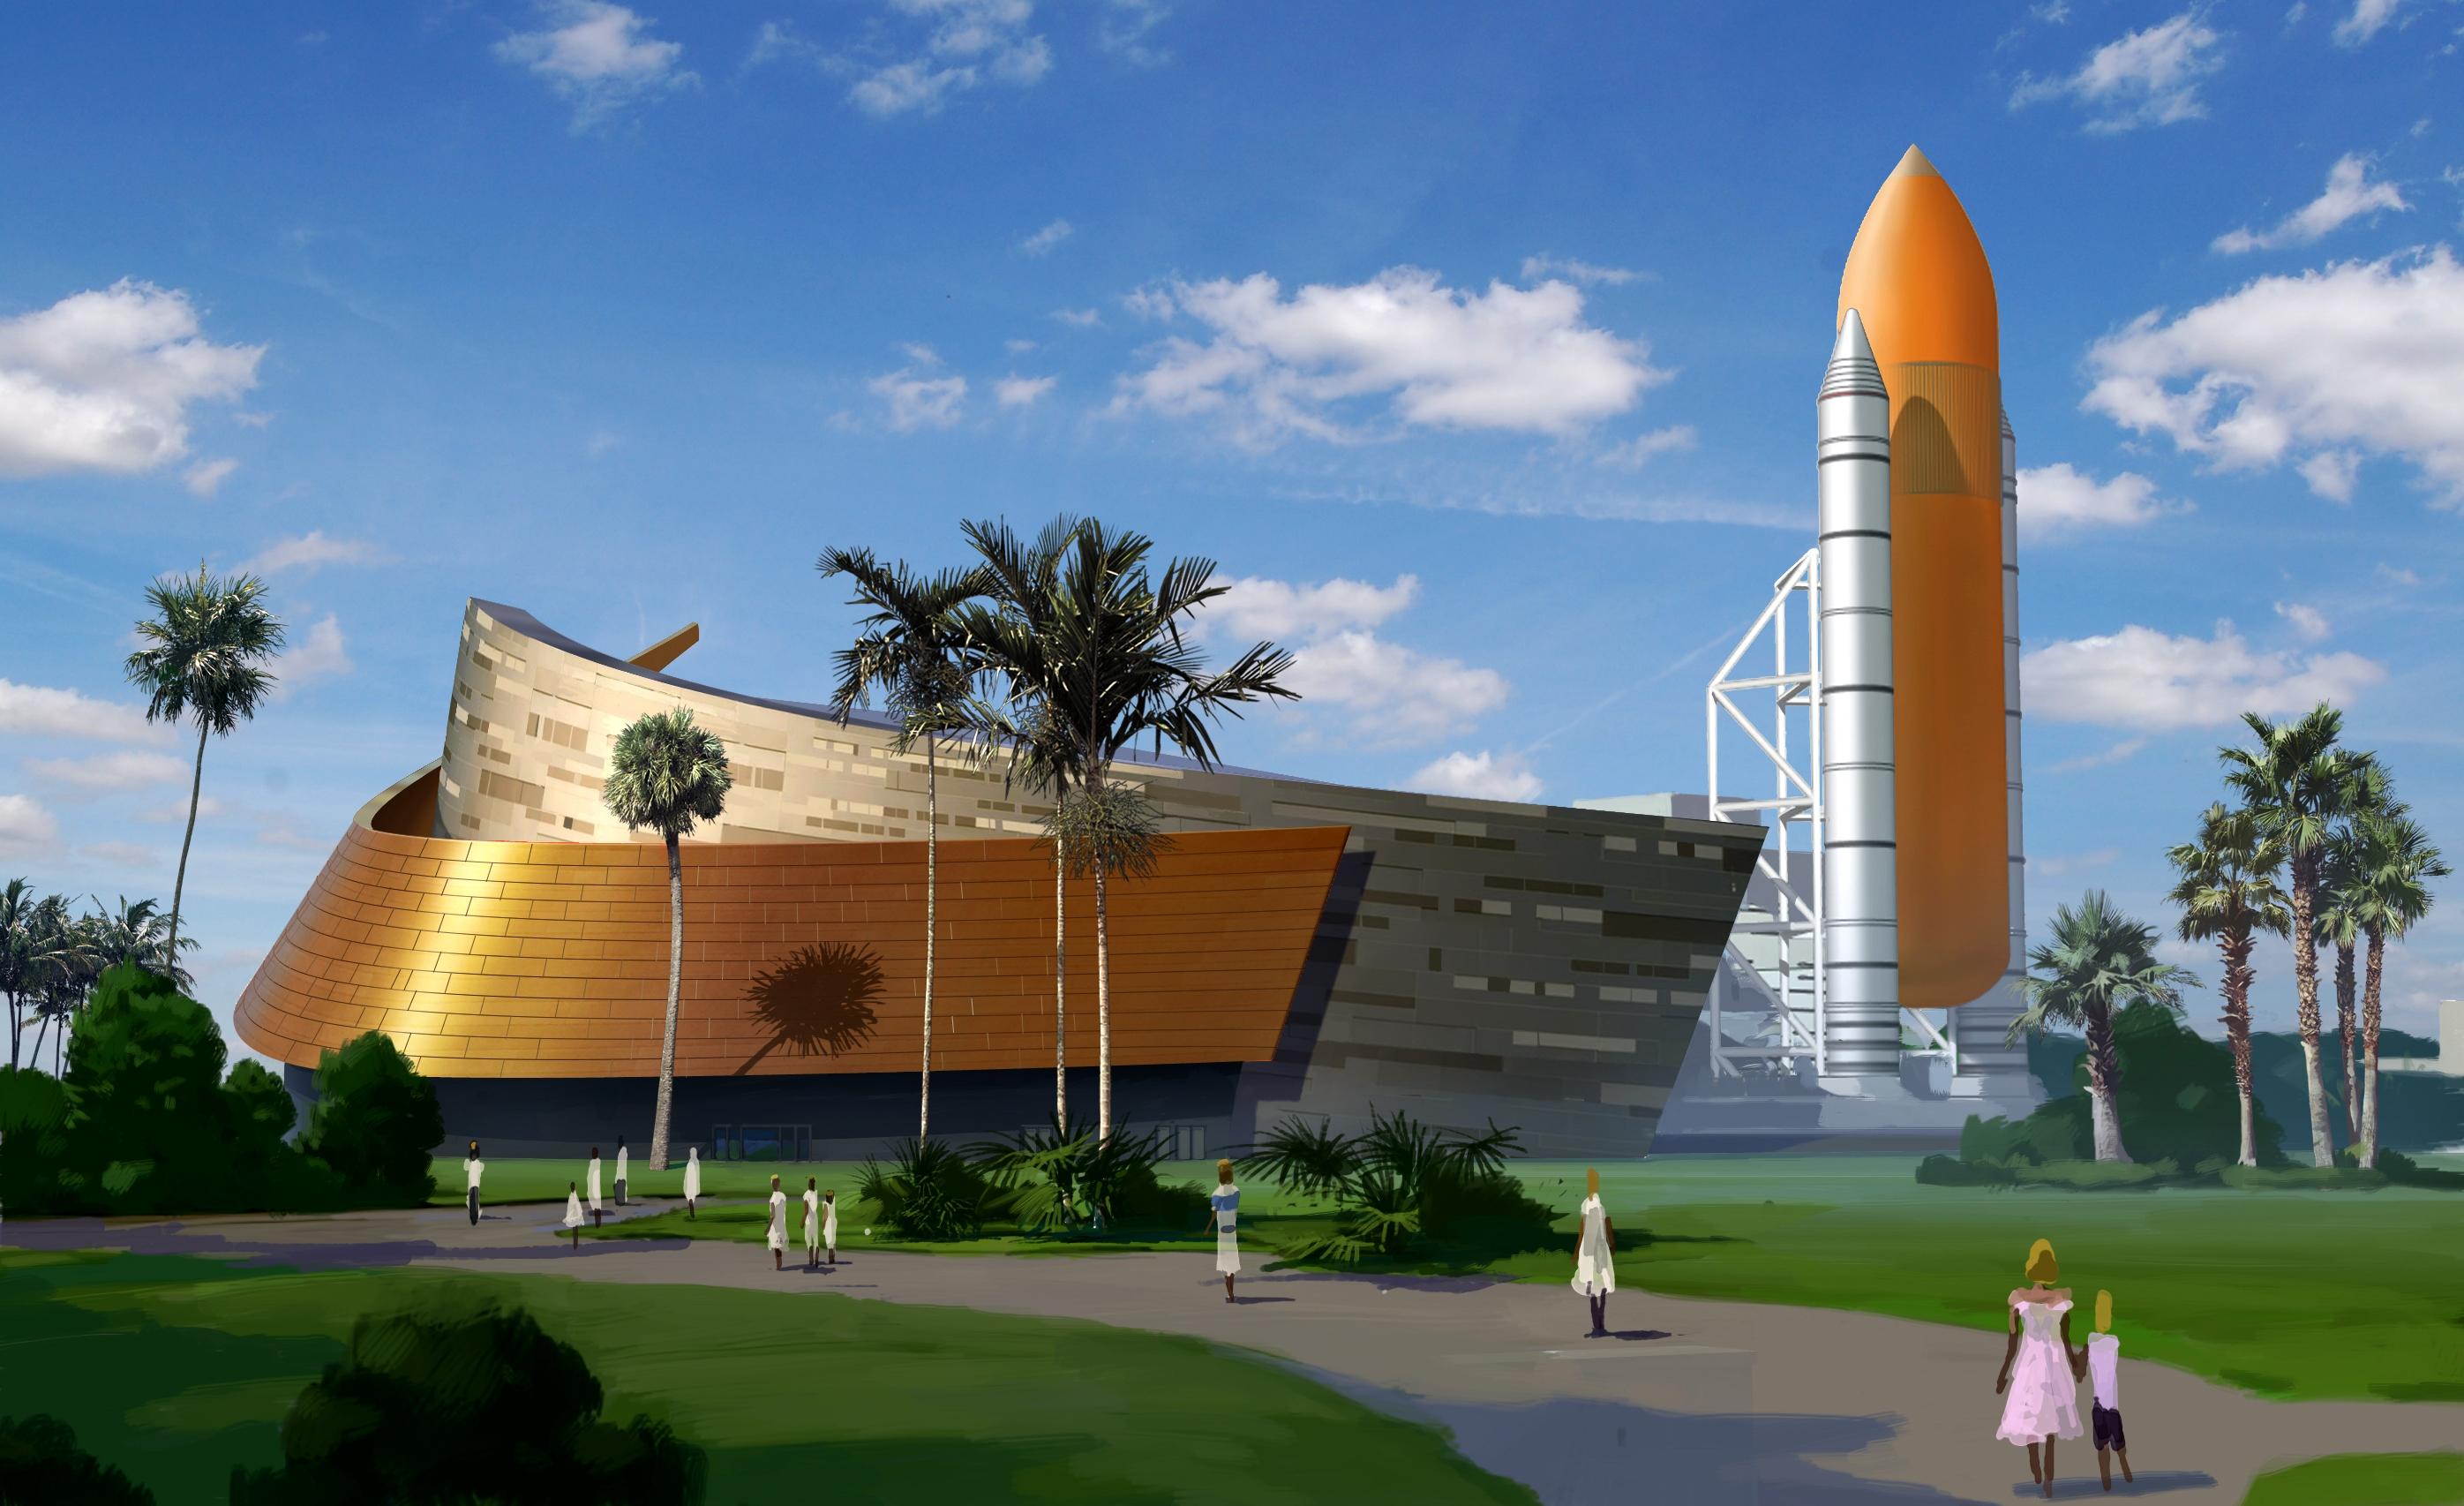 Na nasa new space shuttle design - Atlantis_exhibit_exterior Full Jpg